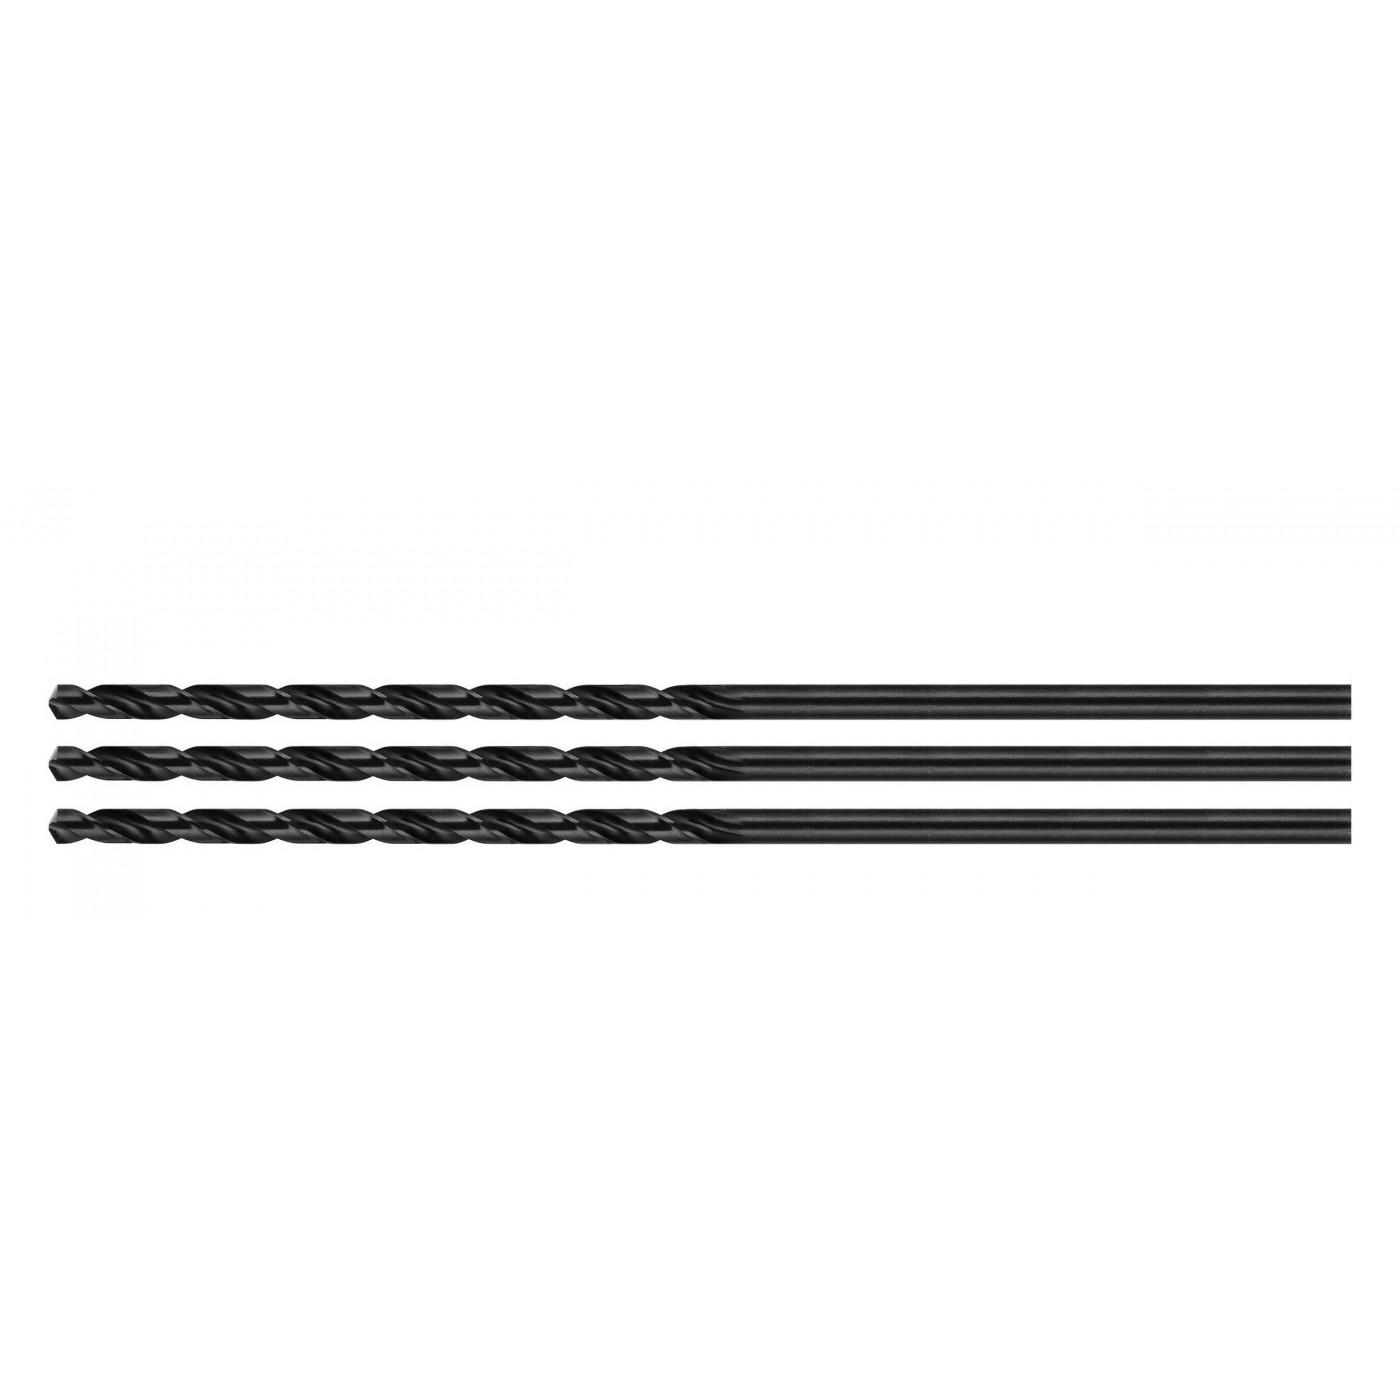 Set von 3 Metallbohrern, extra lang (8,0 x 350 mm)  - 1